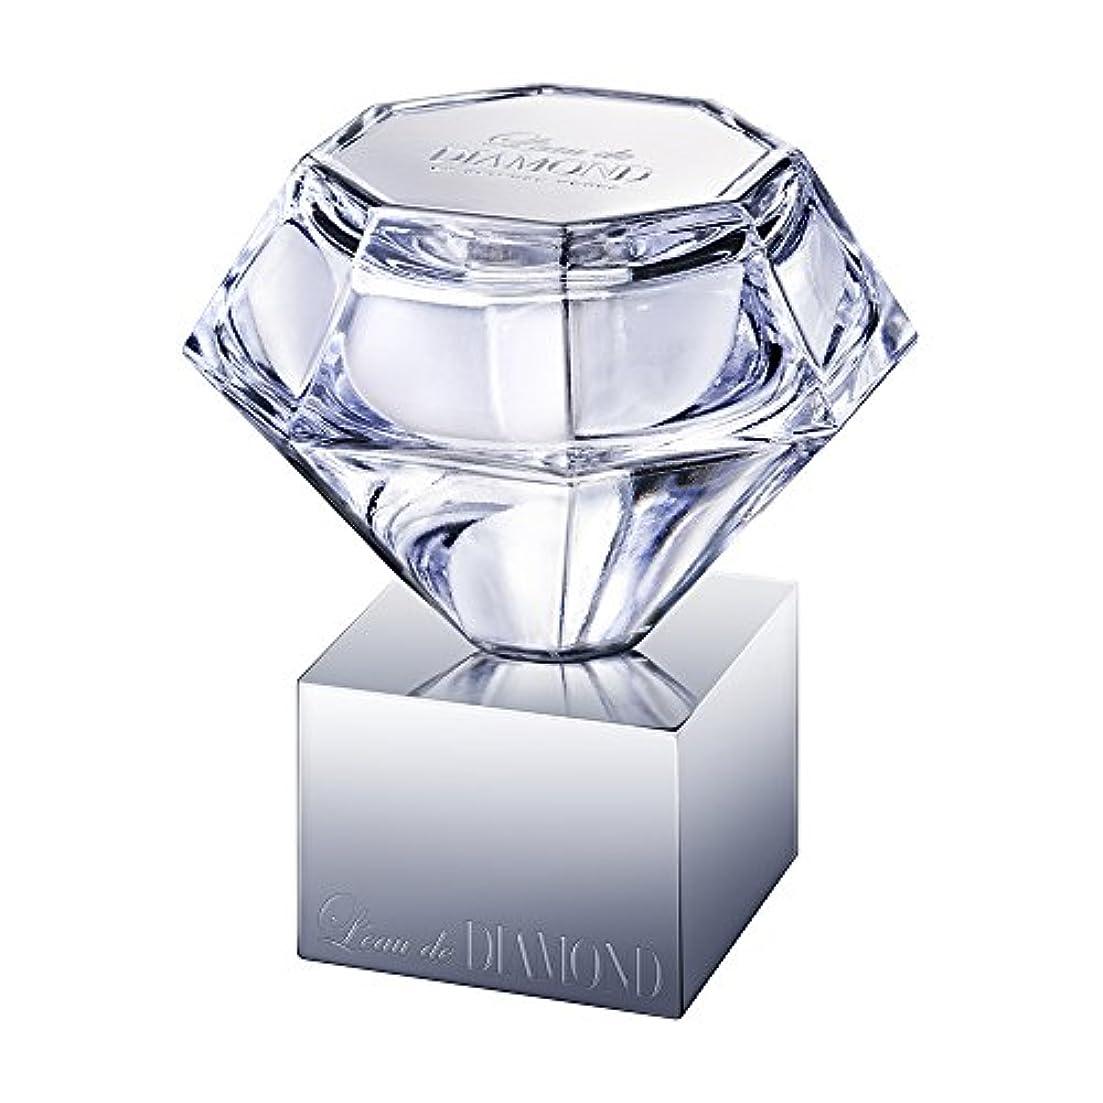 ショッキング成人期誘惑するロードダイアモンド バイ ケイスケ ホンダ オードパルファム(プールオム) 50ml